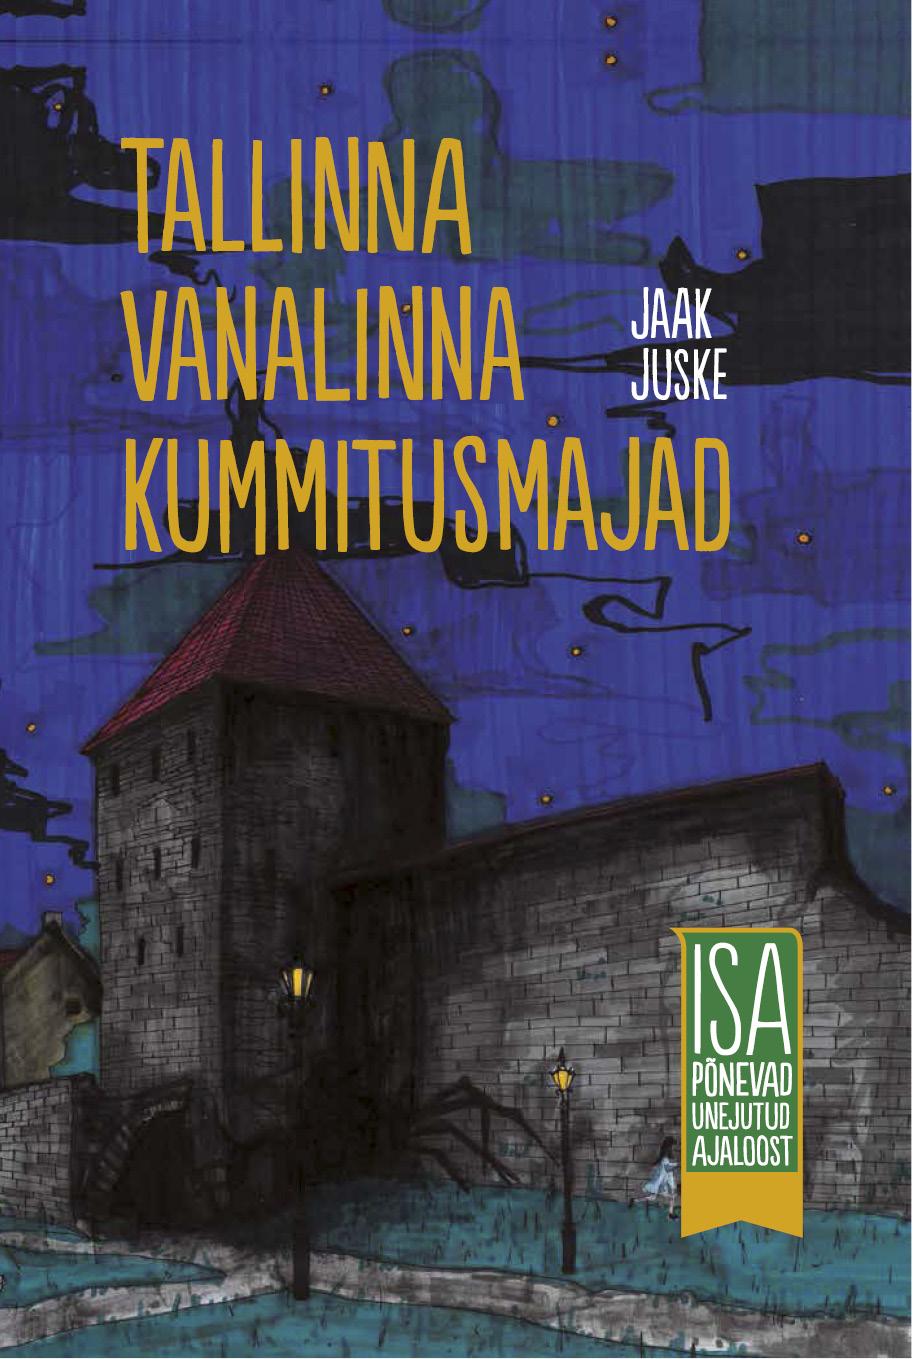 цена Jaak Juske Tallinna vanalinna kummitusmajad. Isa põnevad unejutud ajaloost онлайн в 2017 году